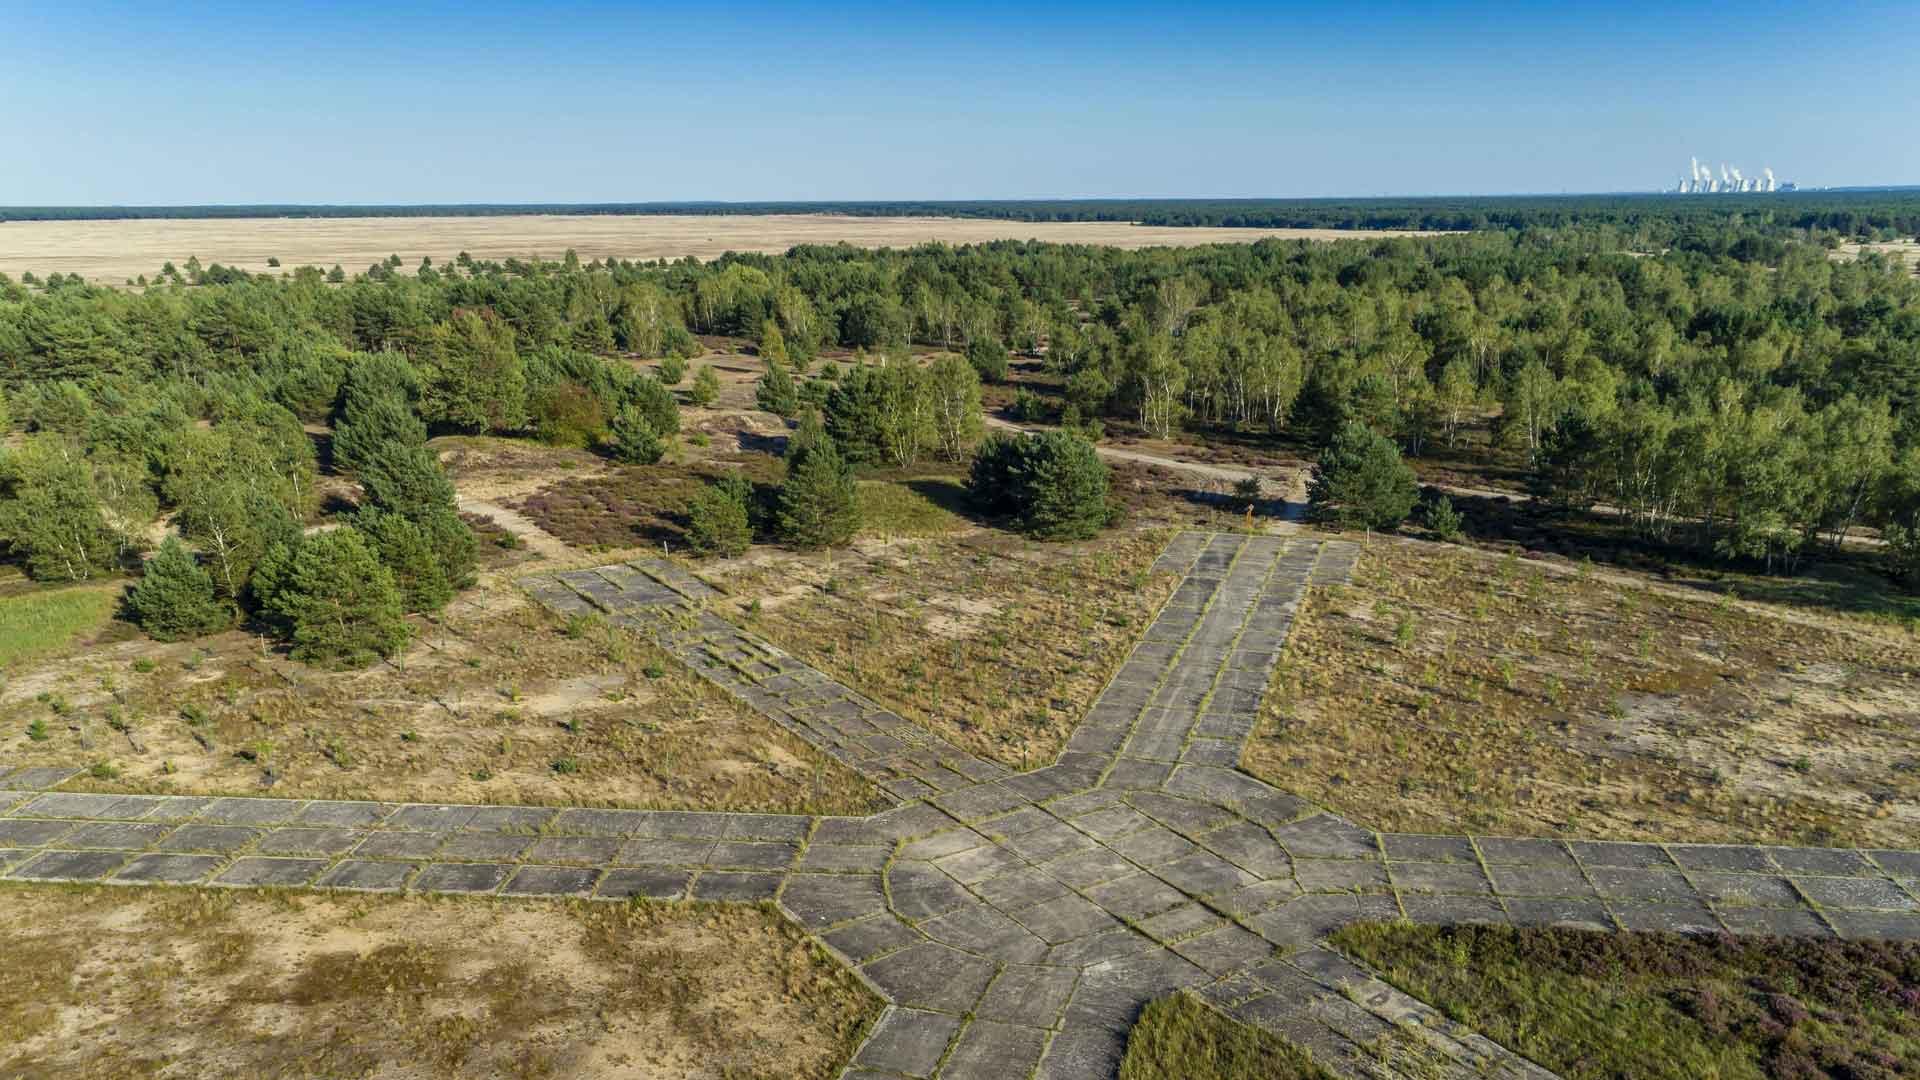 Wildnis in Deutschland: Lieberoser Heide in Brandenburg